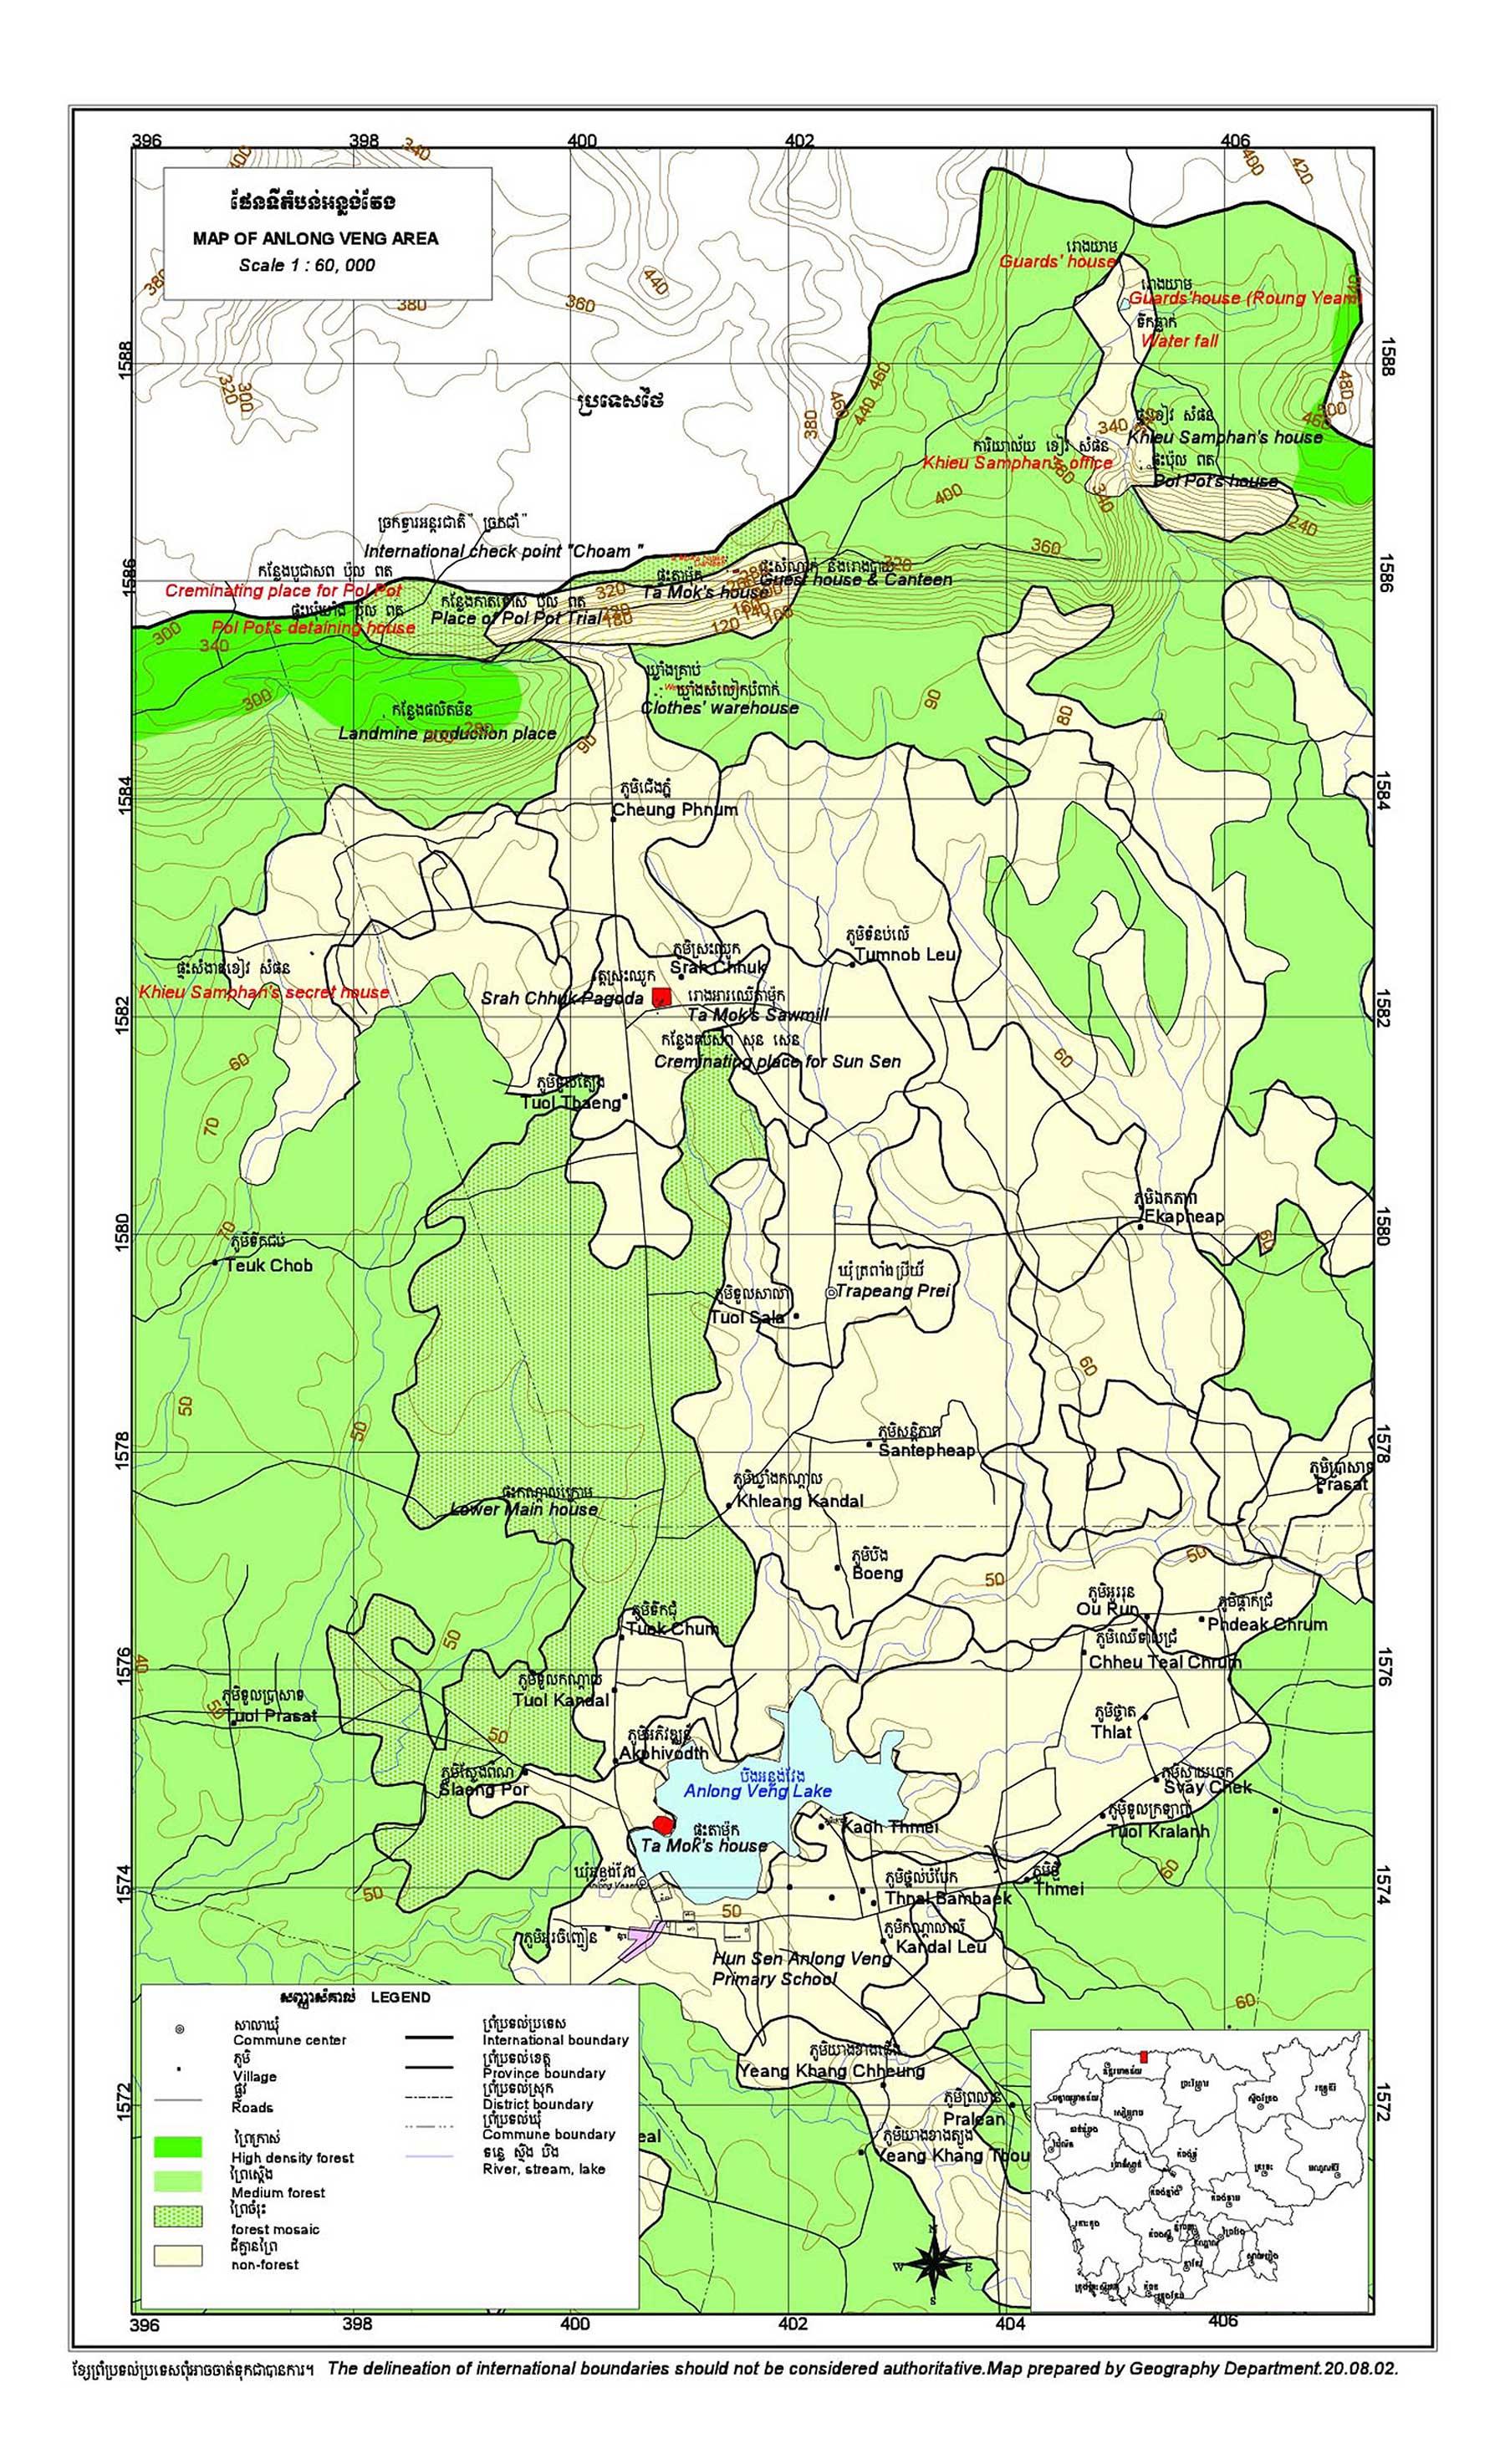 Map of Anlong Veng 2002